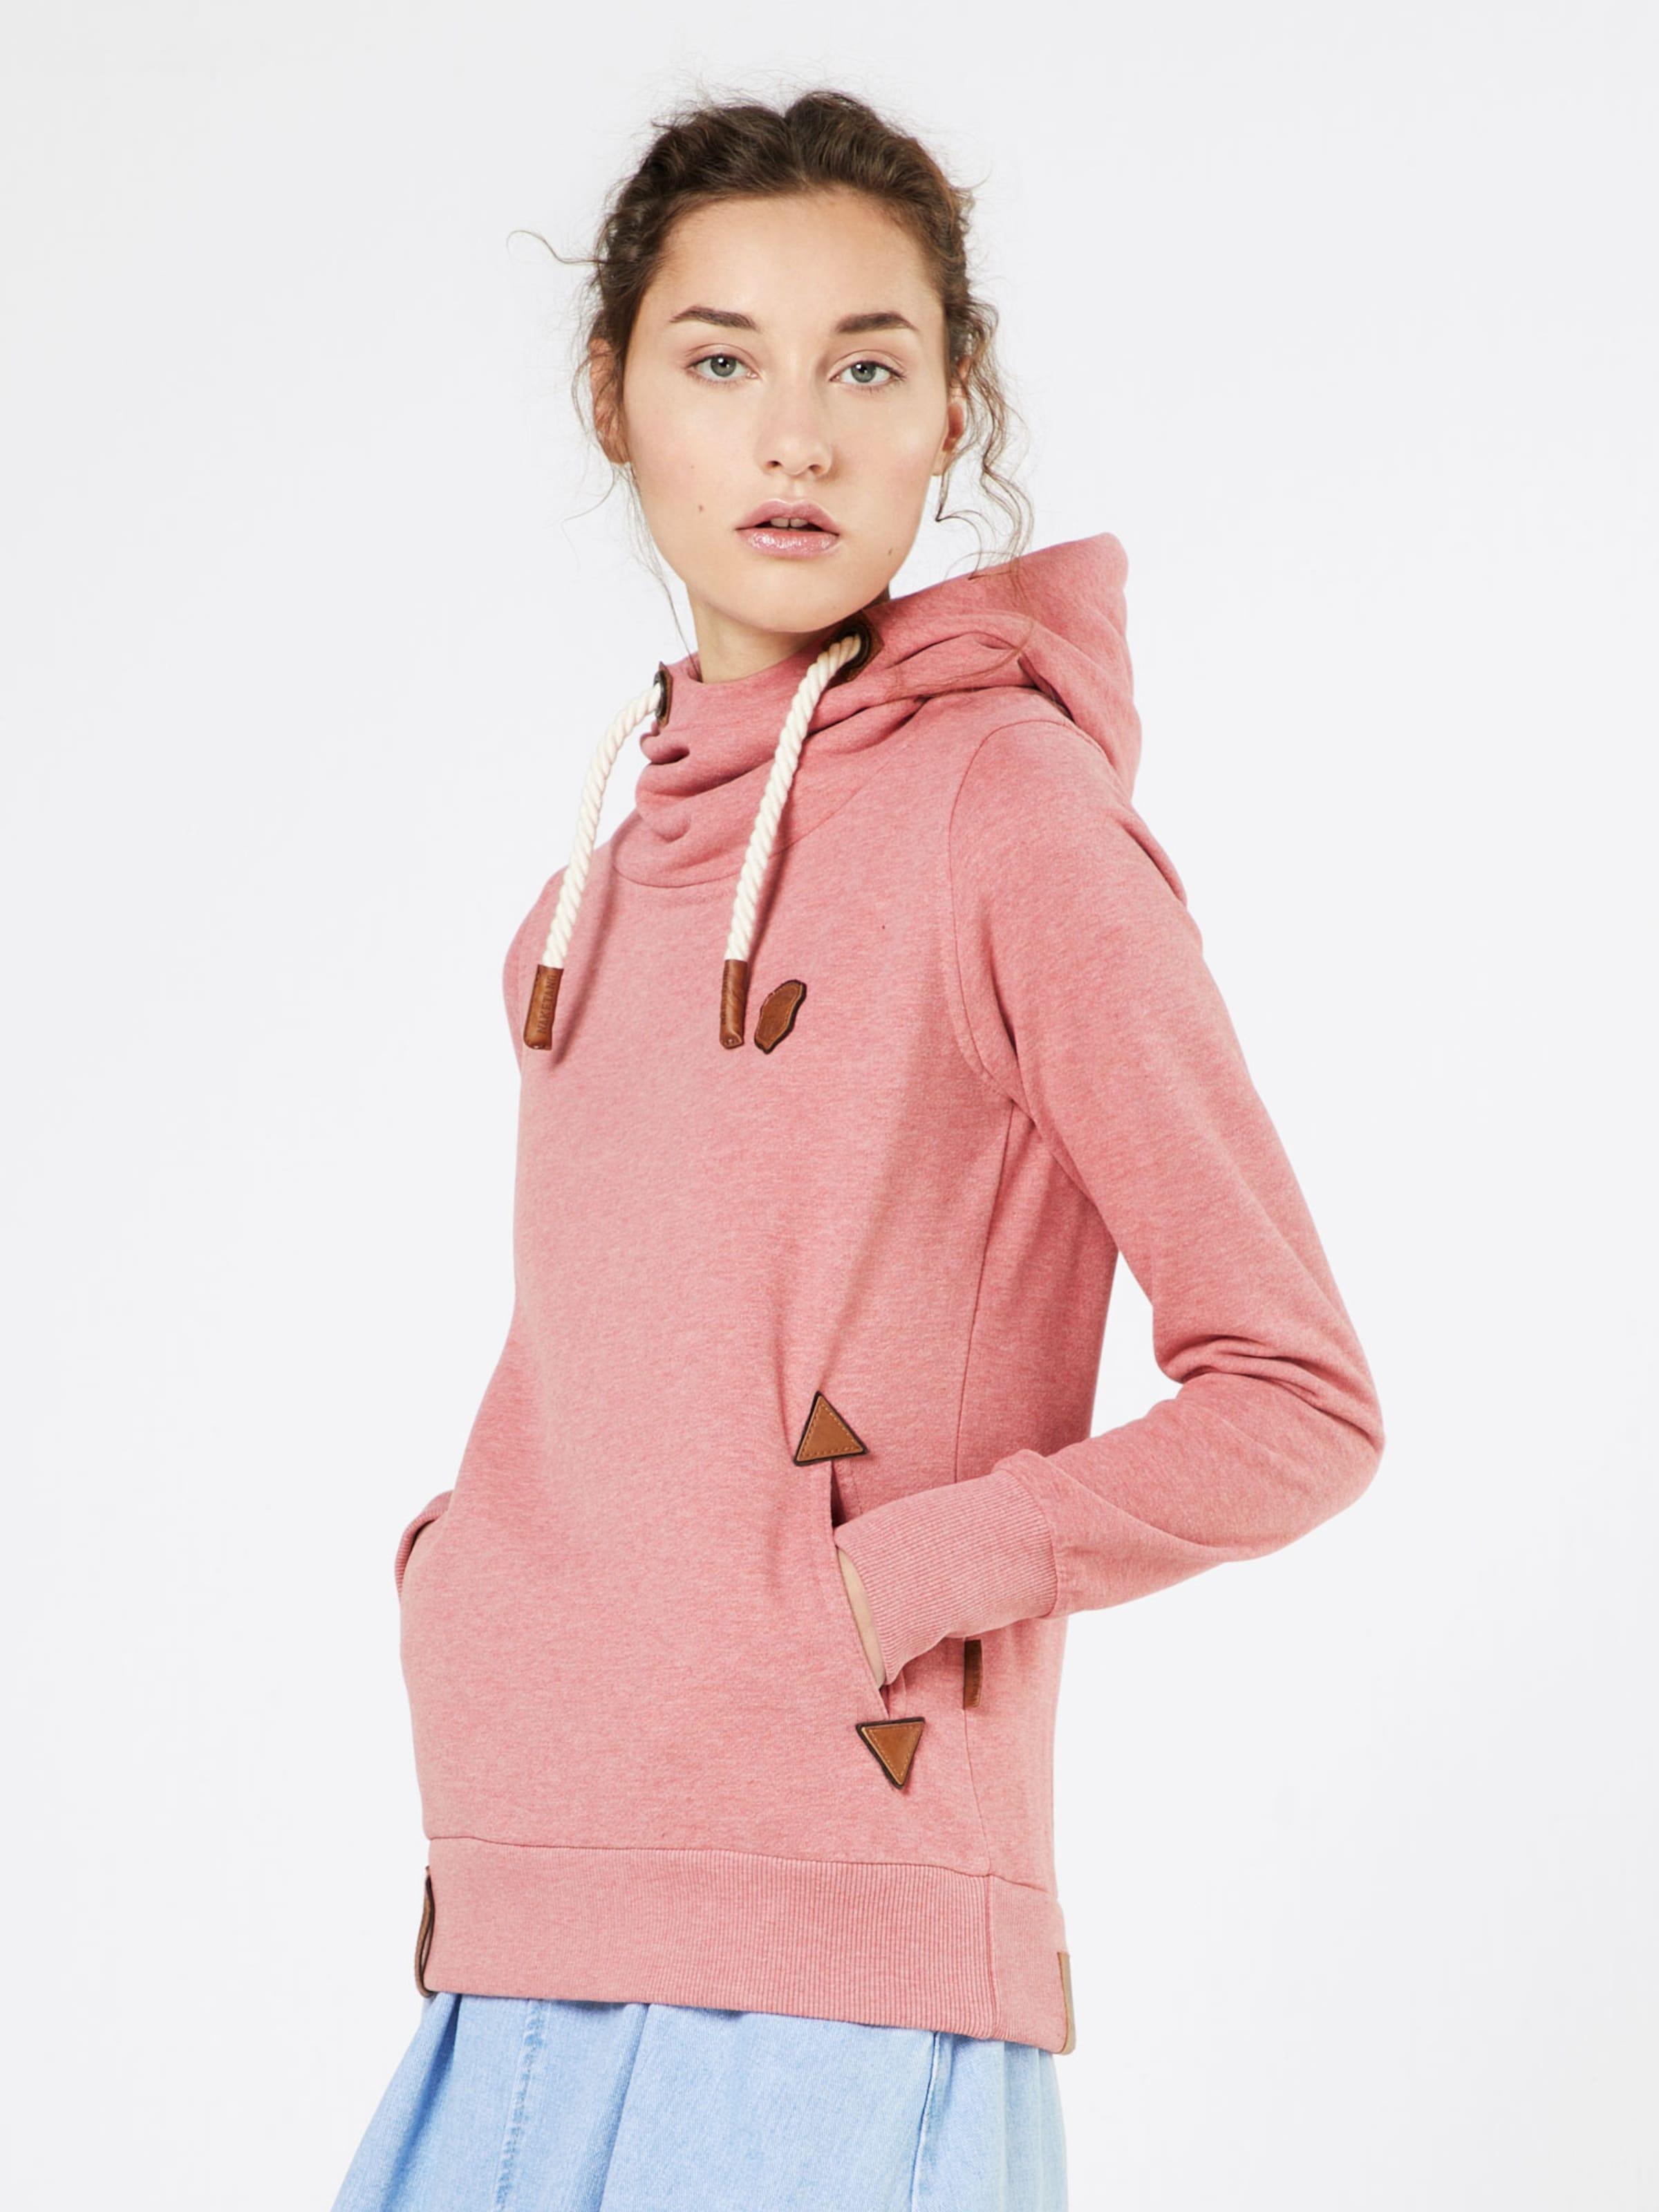 Ganz Welt Versand Perfekt Zum Verkauf naketano Sweater Günstig Kaufen Neue Stile 4wZL2m8